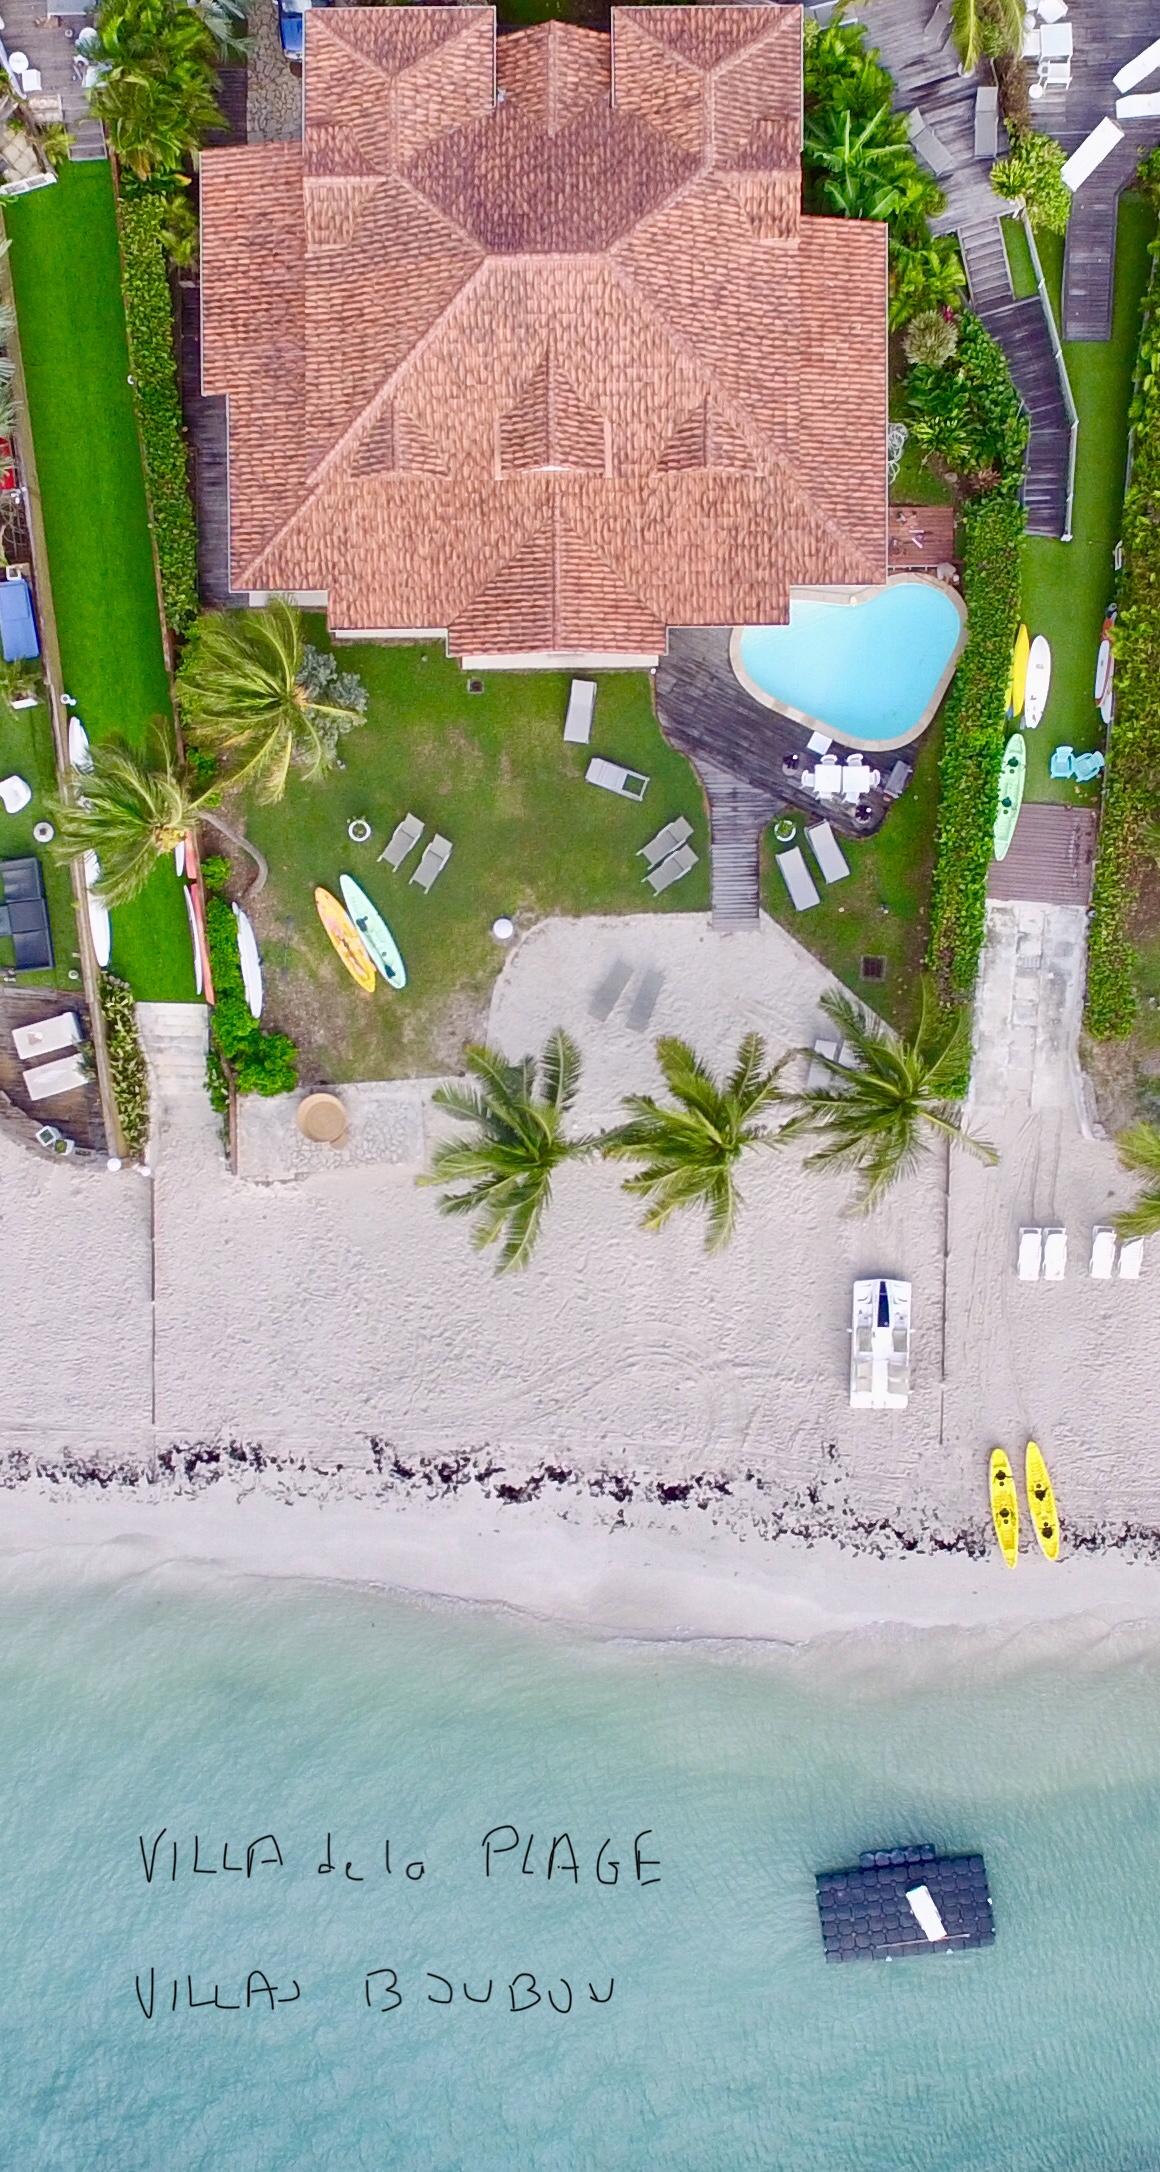 La villa de la plage, les pieds dans l'eau